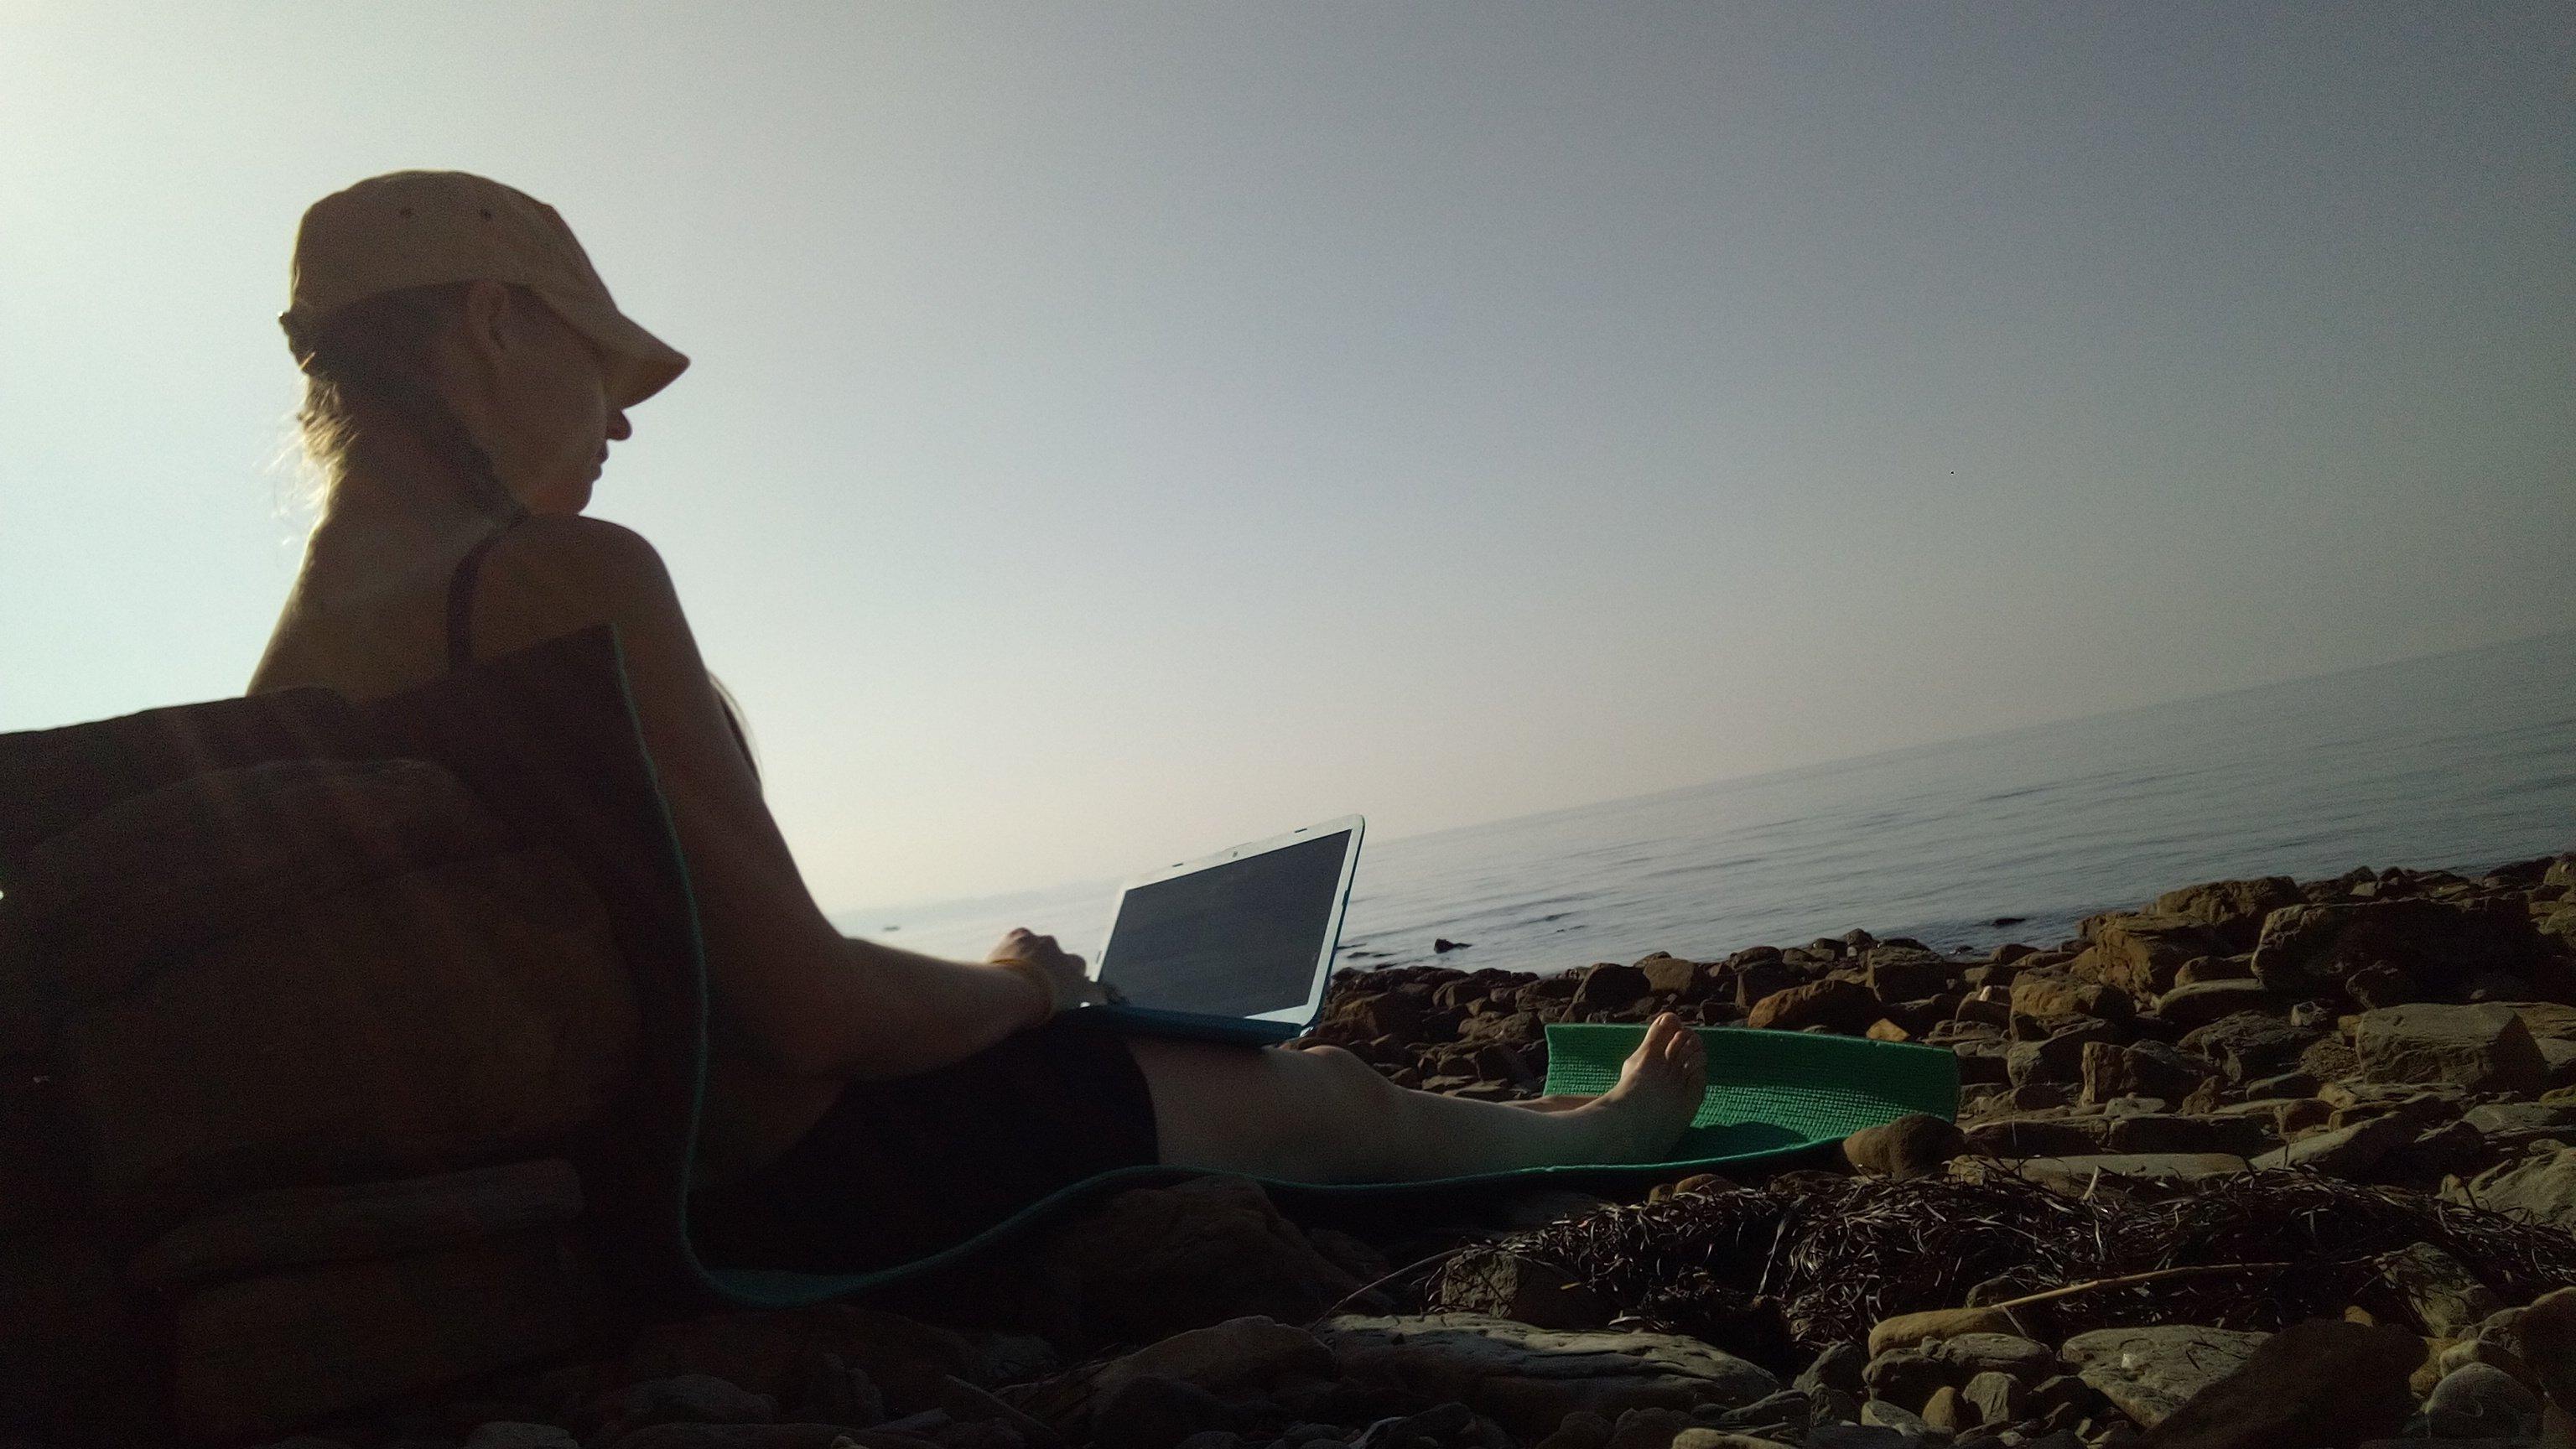 Praia rapariga com computador no colo